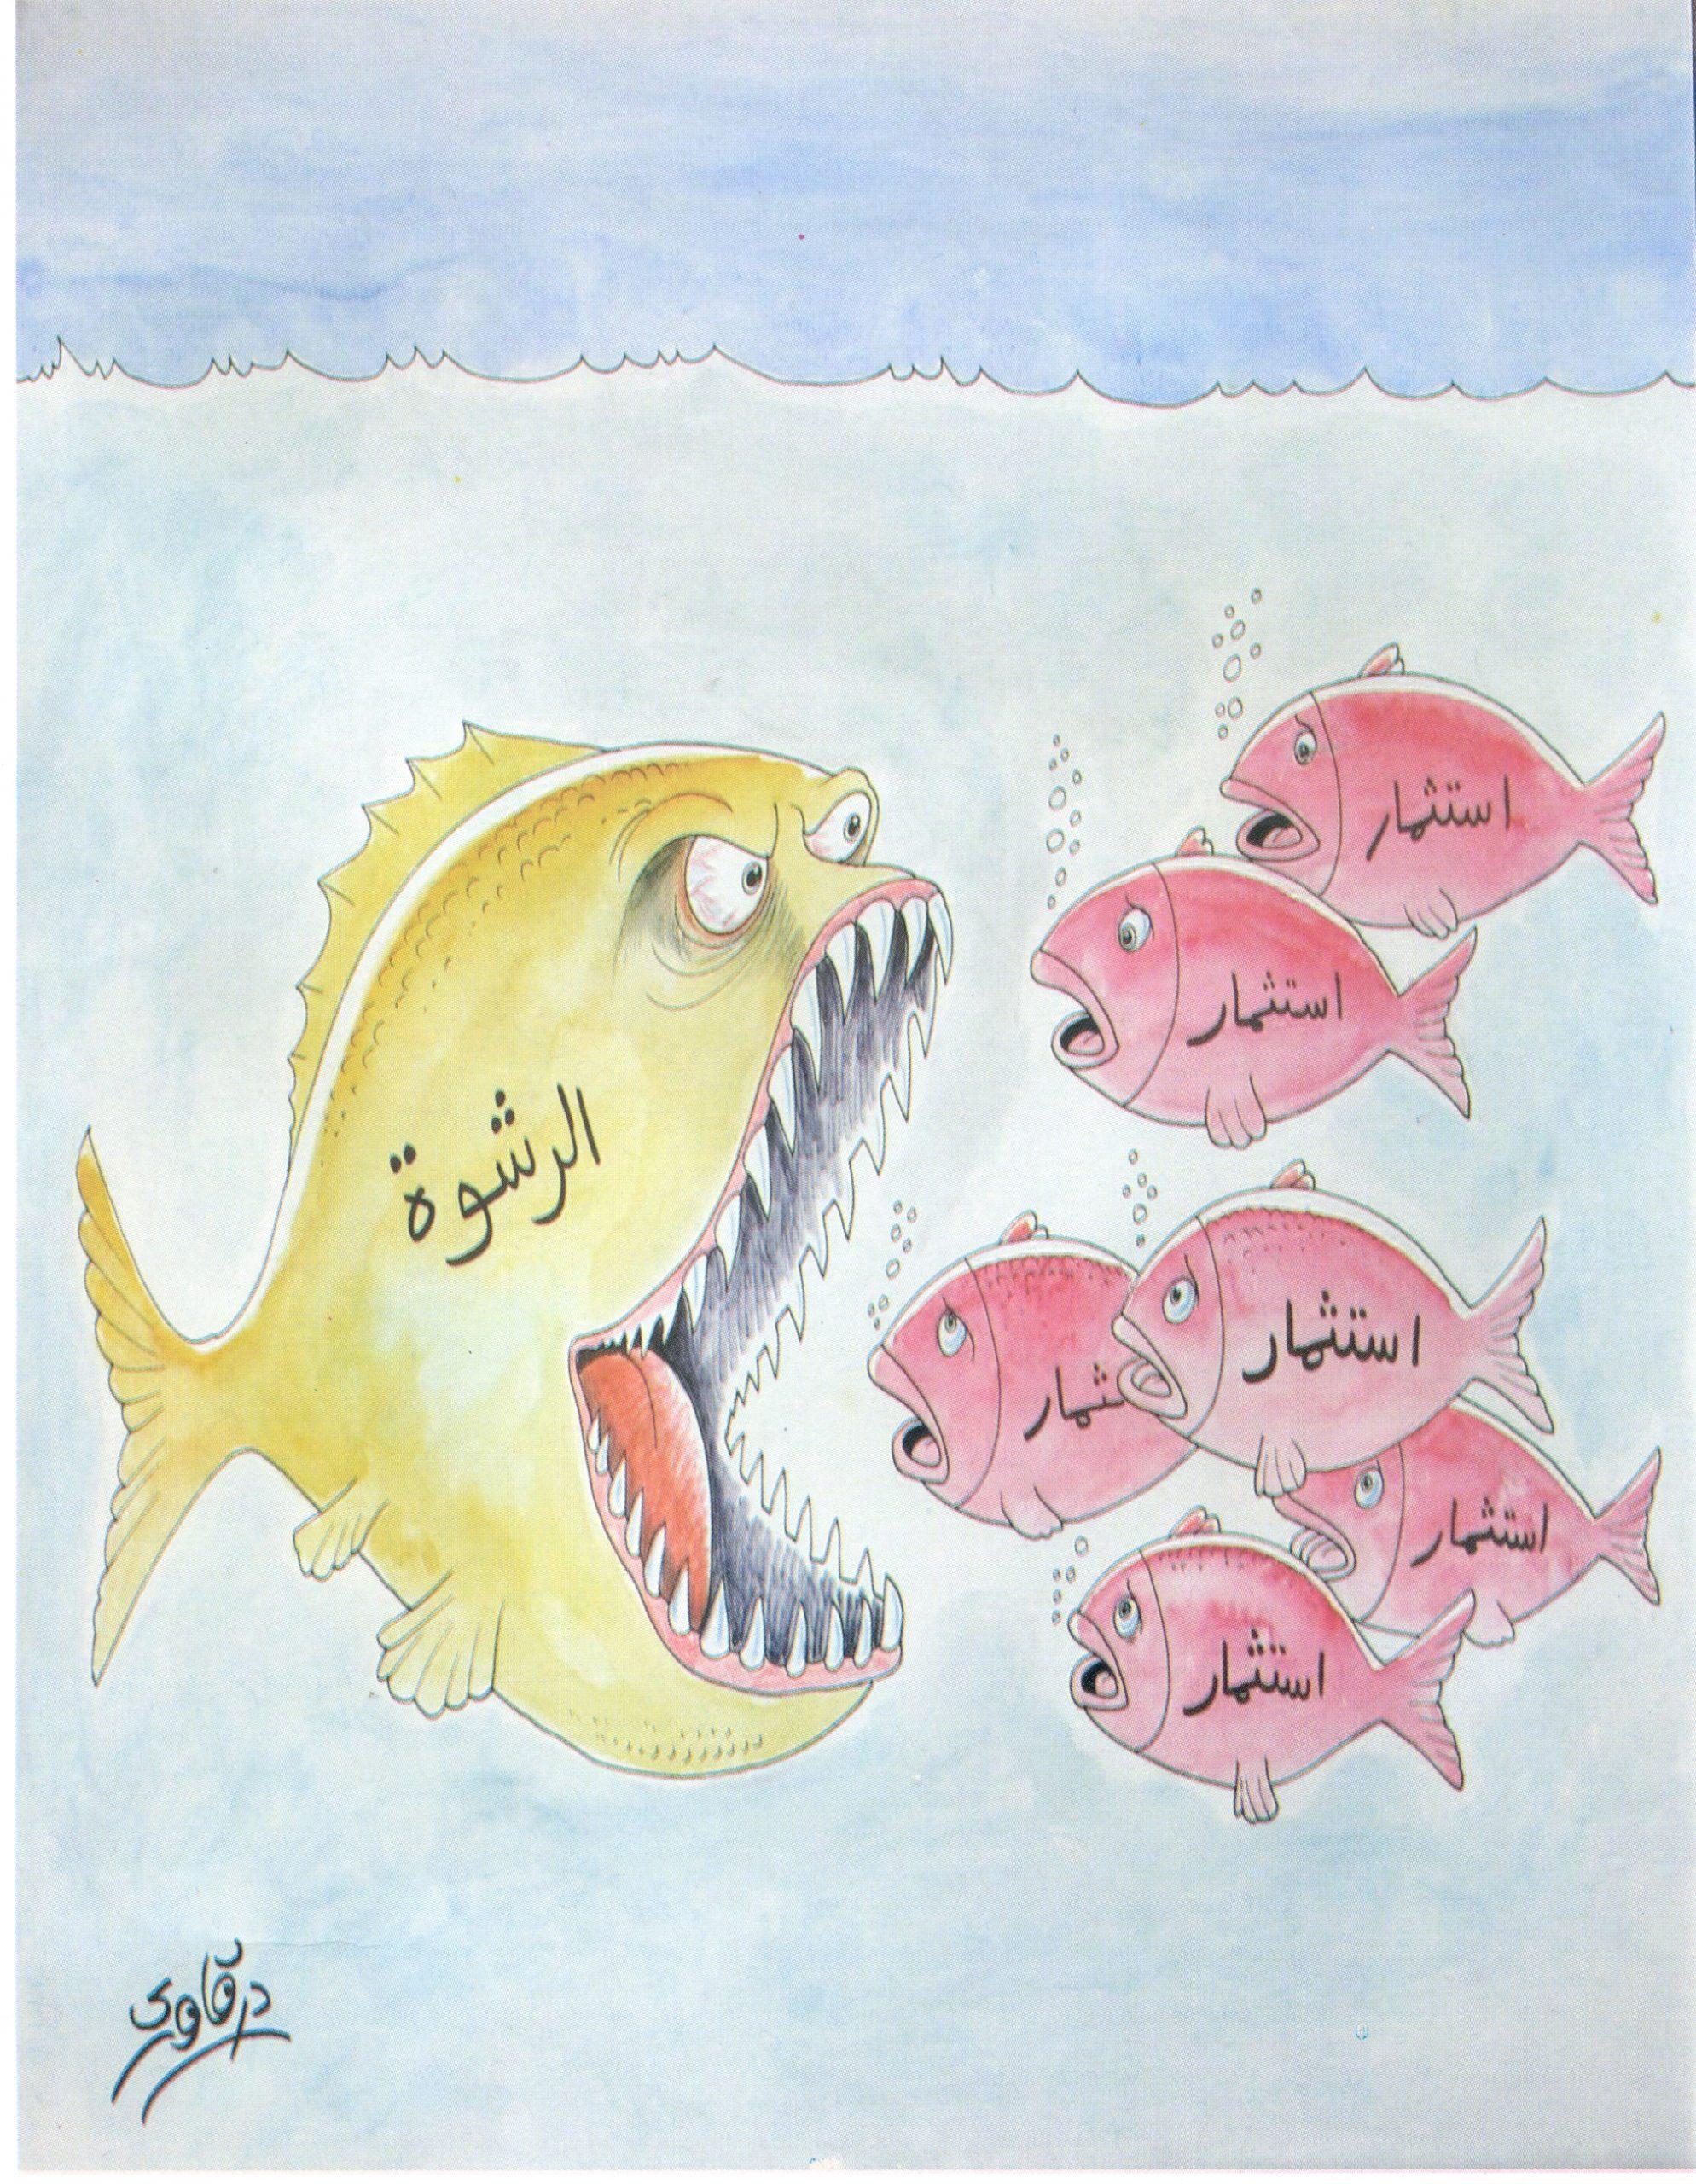 Caricature produit par Transparency Maroc sur l'investissements et corruption